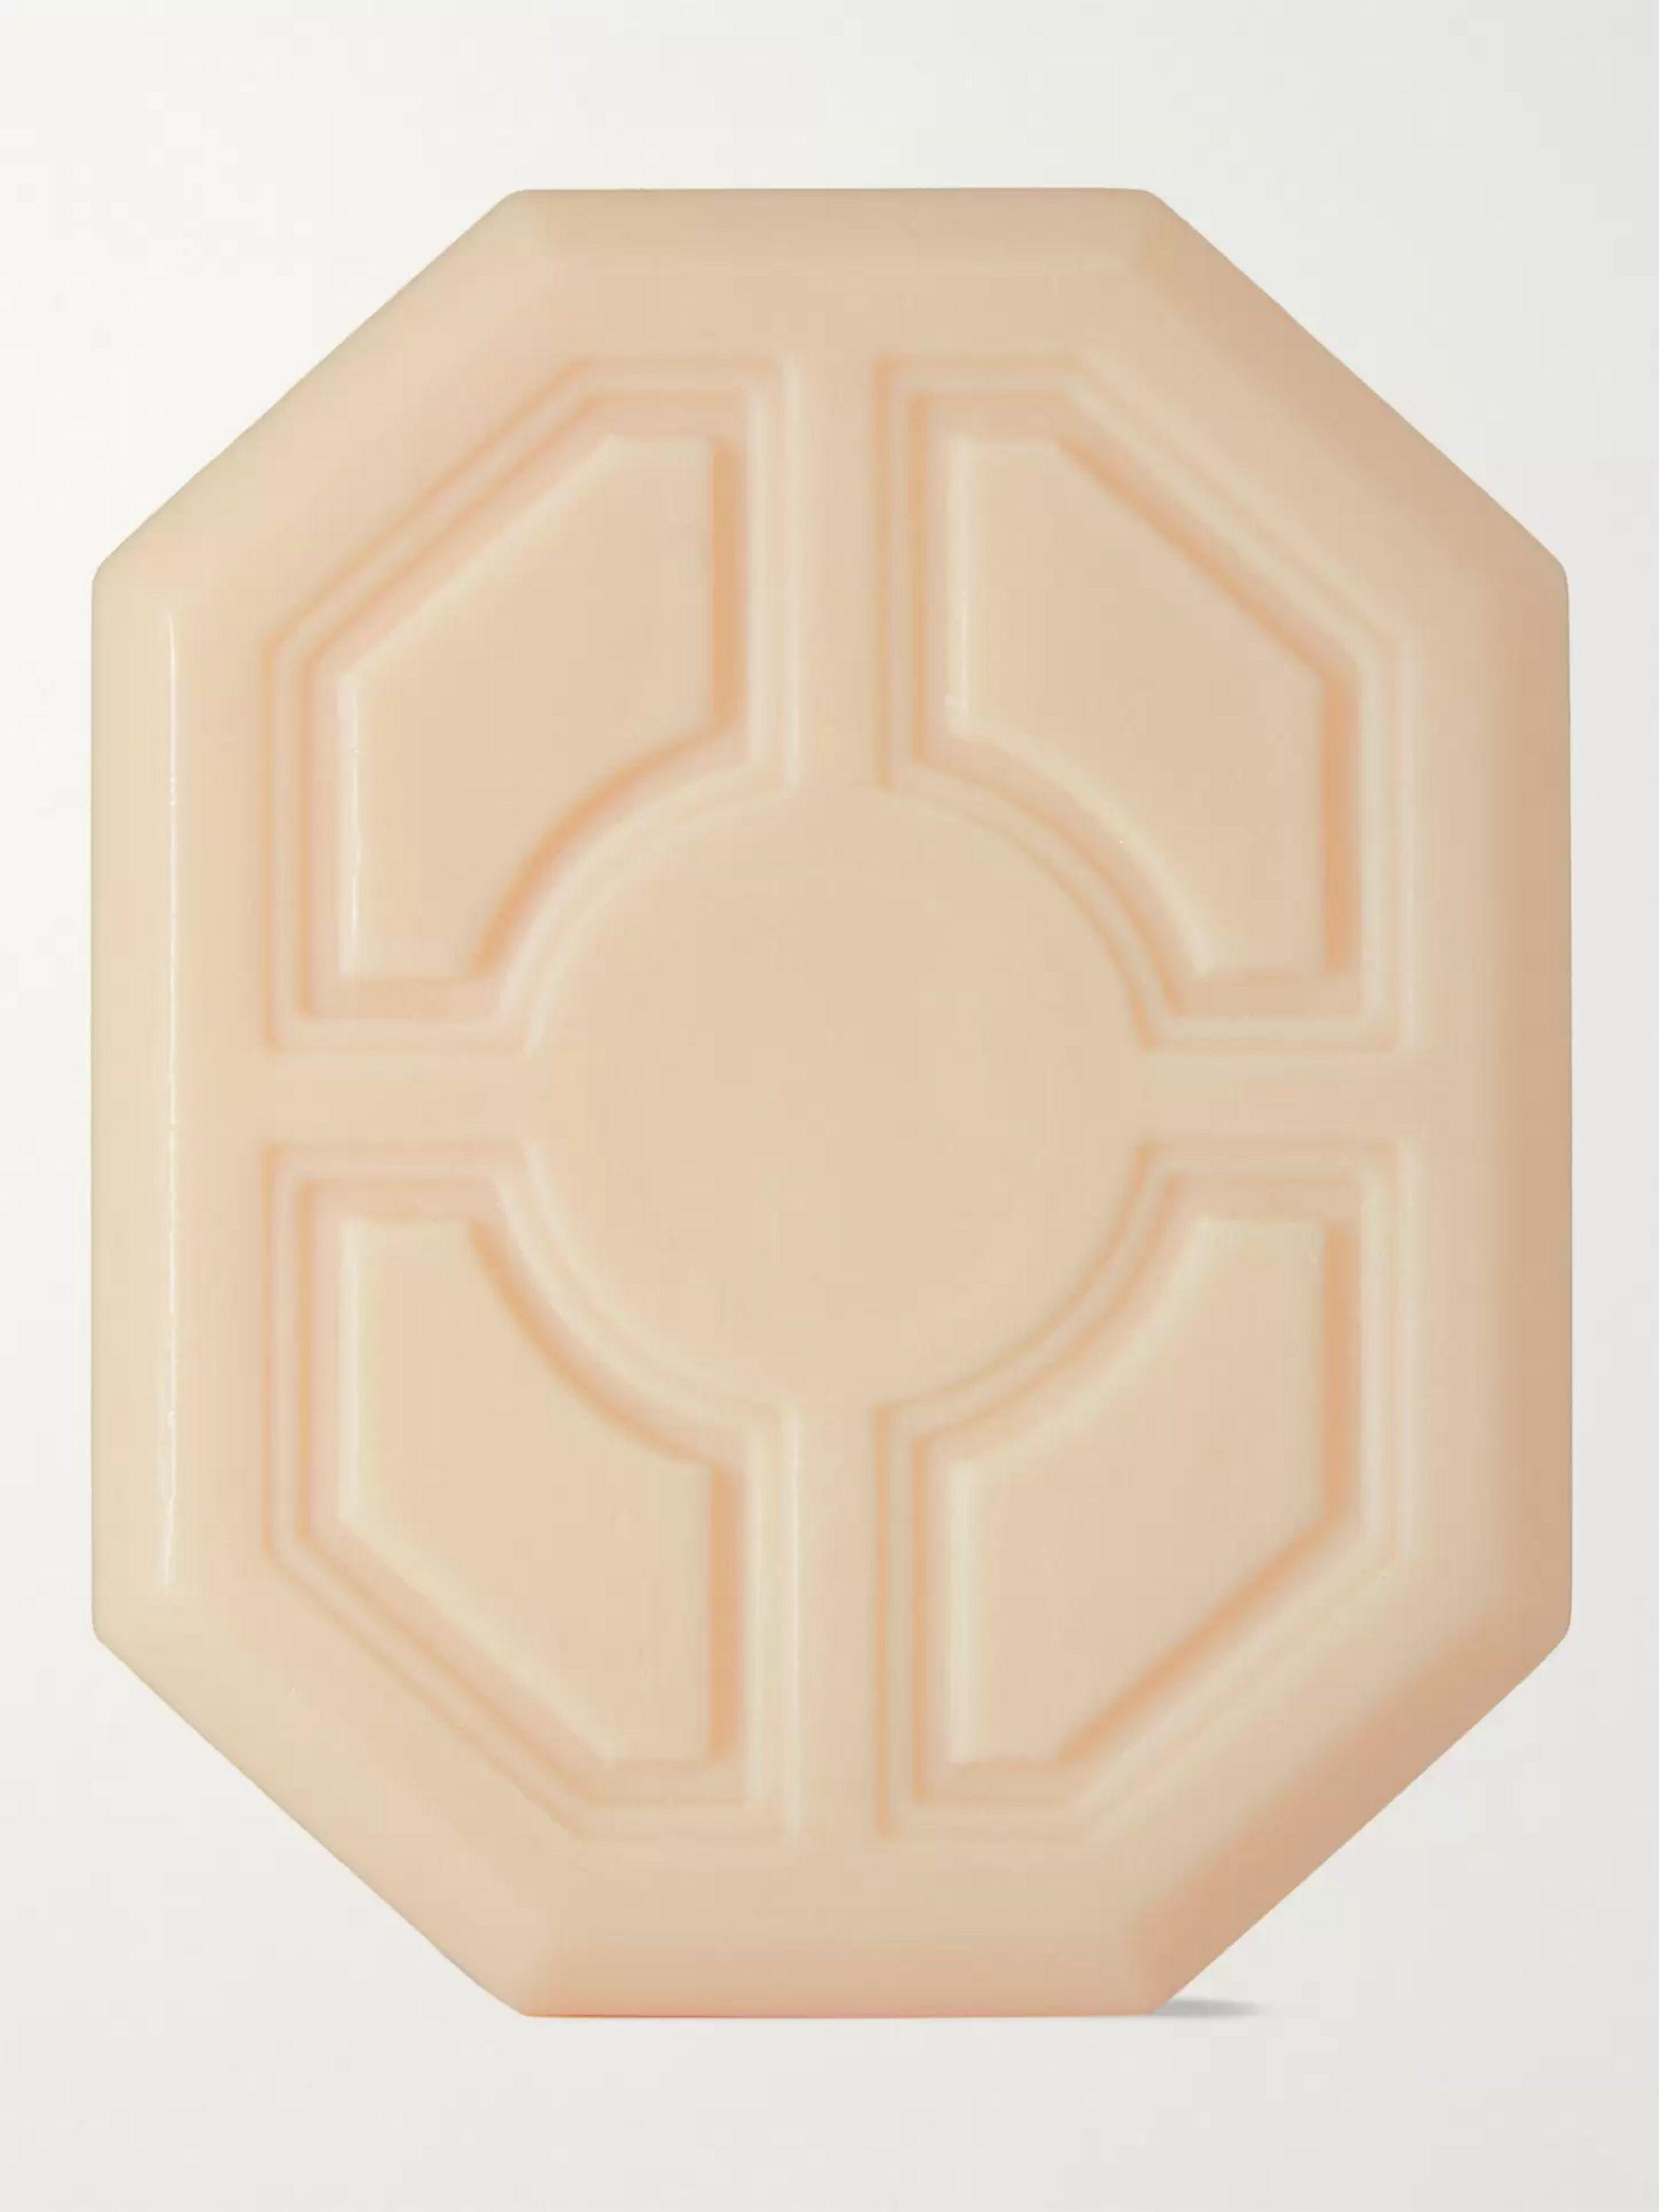 불리1803 사봉 수페팡 '페루 헬리오트로프' 비누 (150g) Buly 1803 Superfin Peruvian Heliotrope Soap